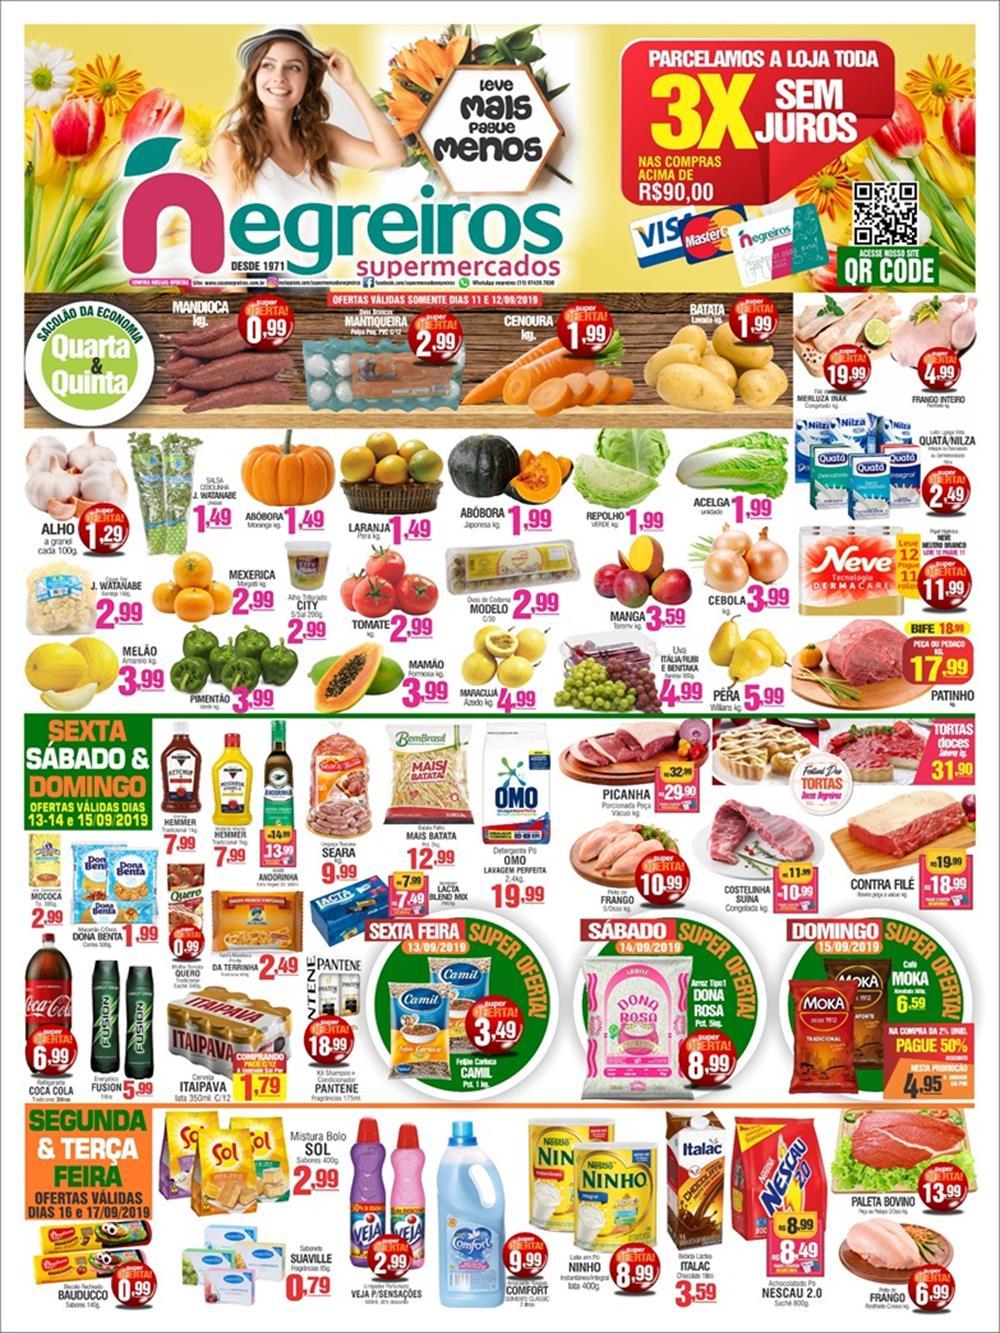 Ofertas-negreiros1-1 Supermercados